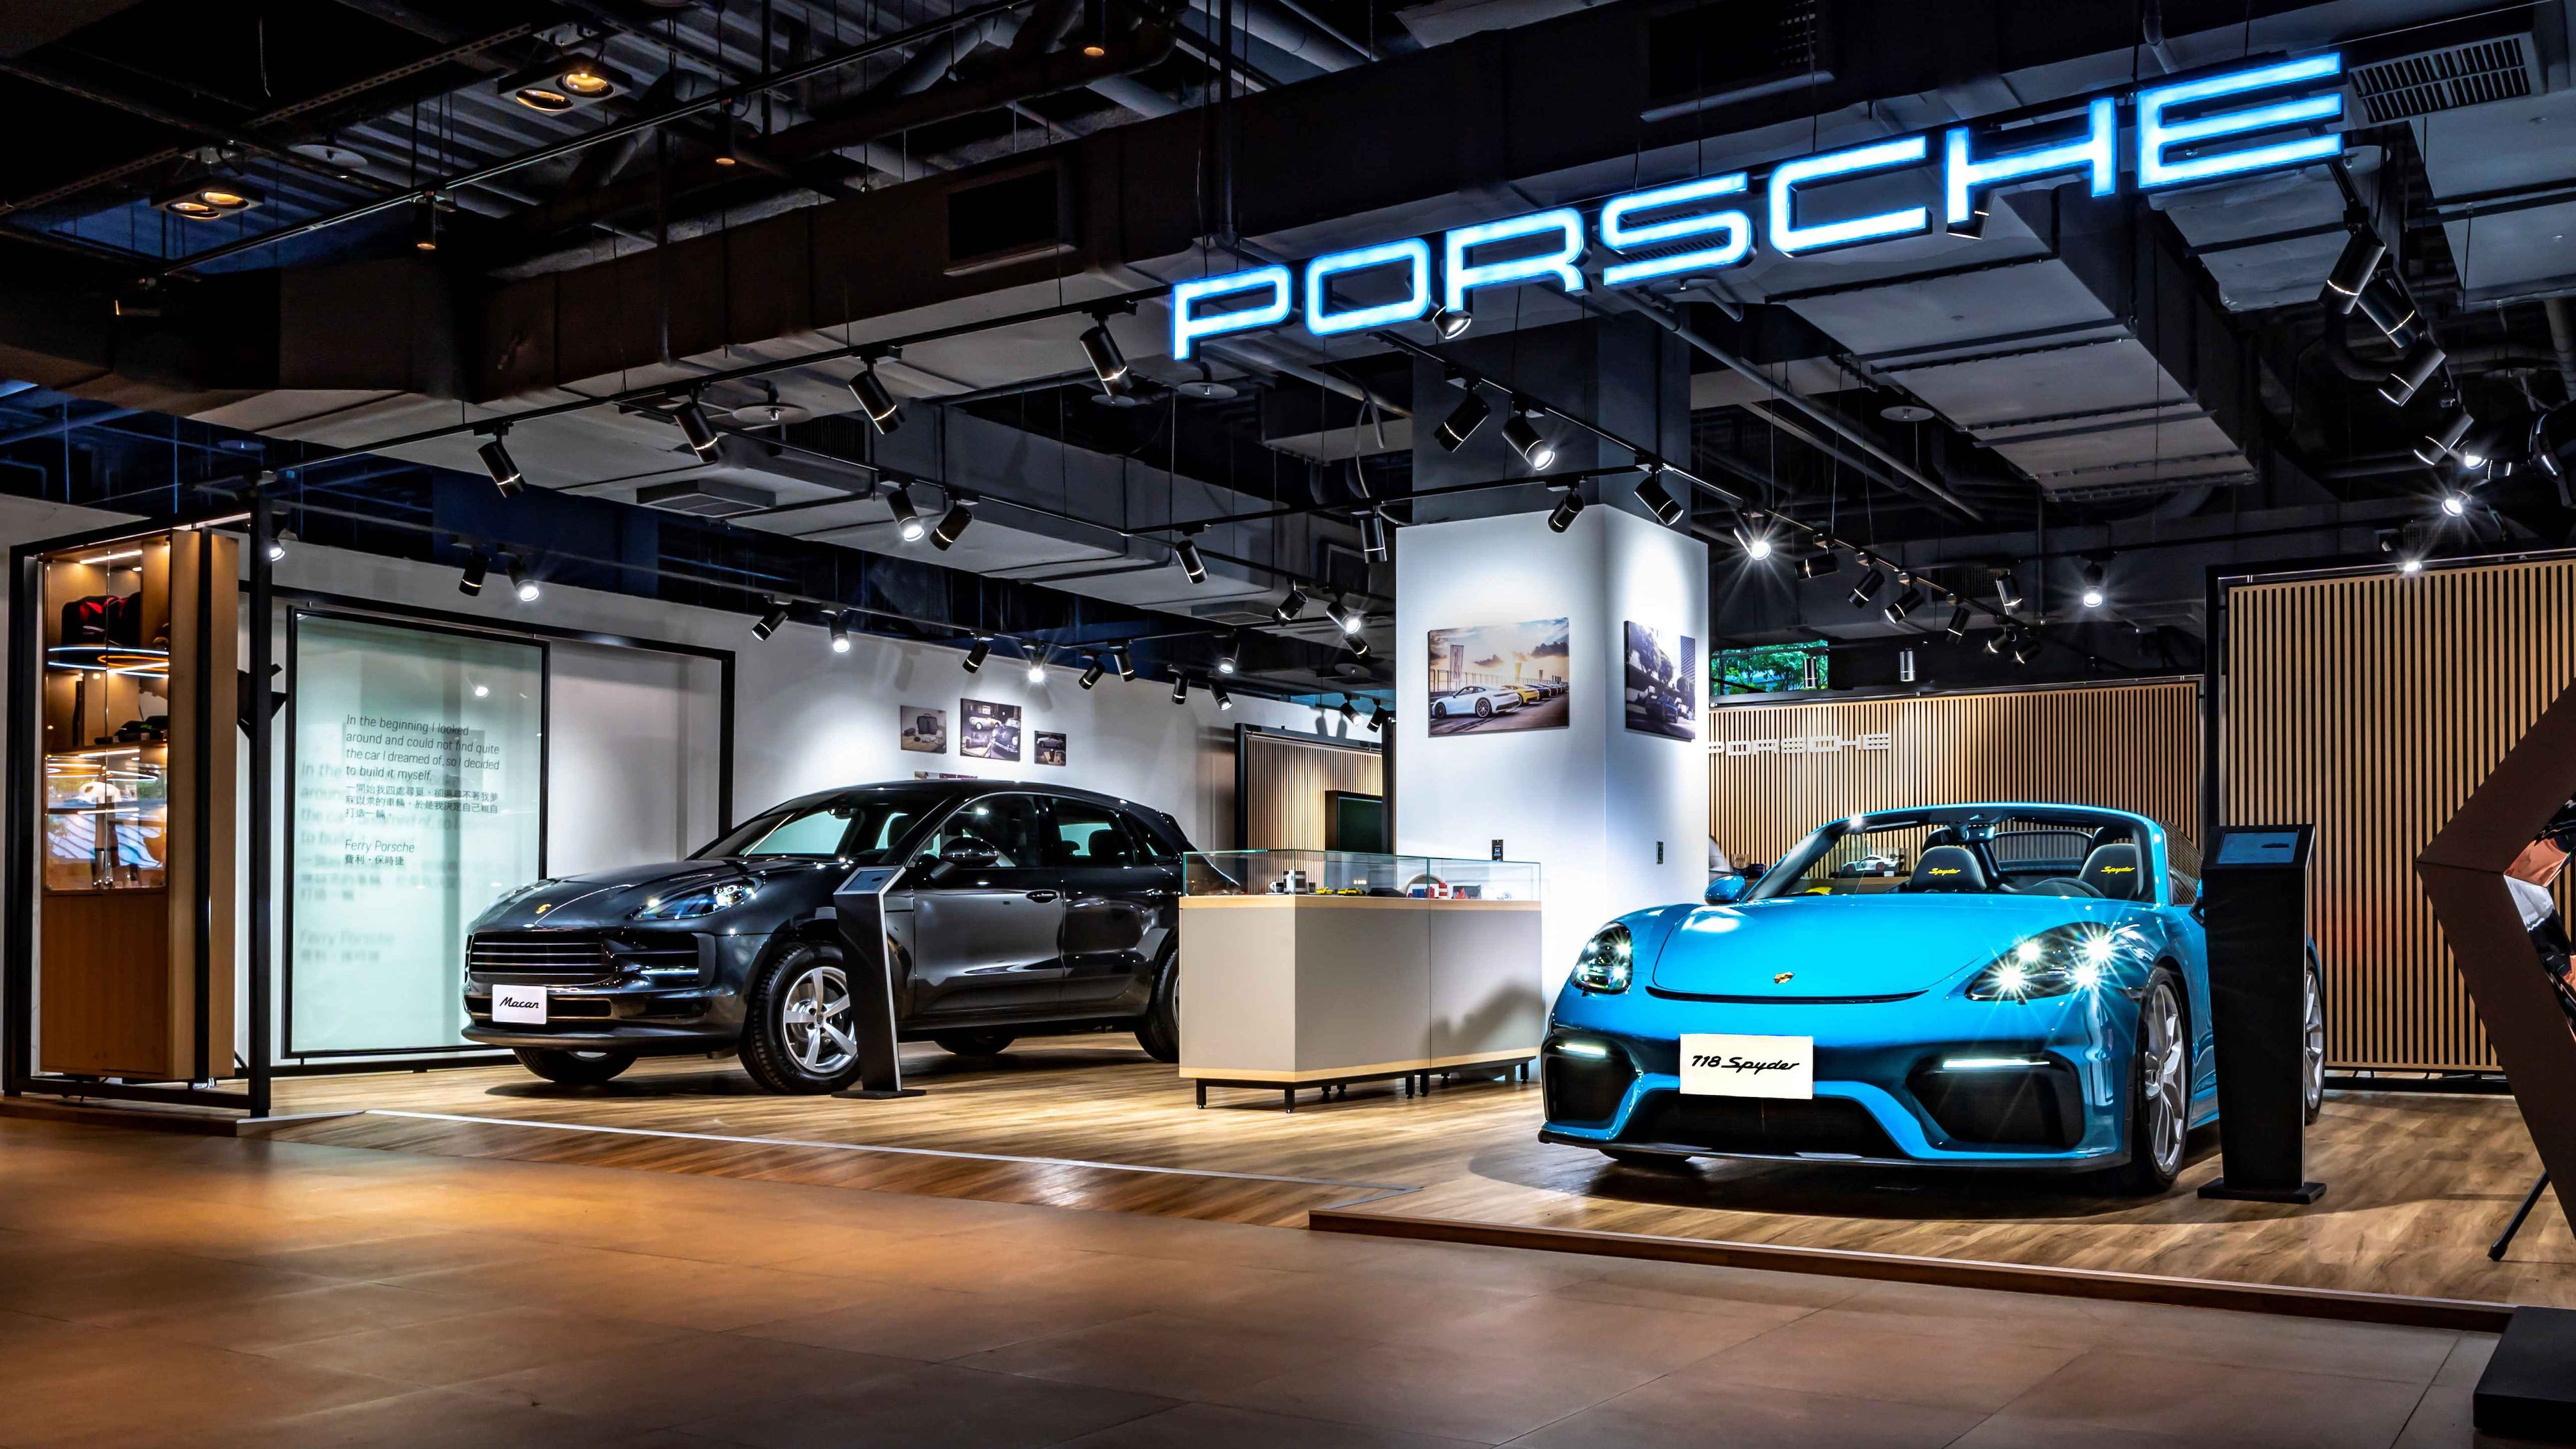 Porsche NOW 全新概念店進駐桃園新光影城百貨